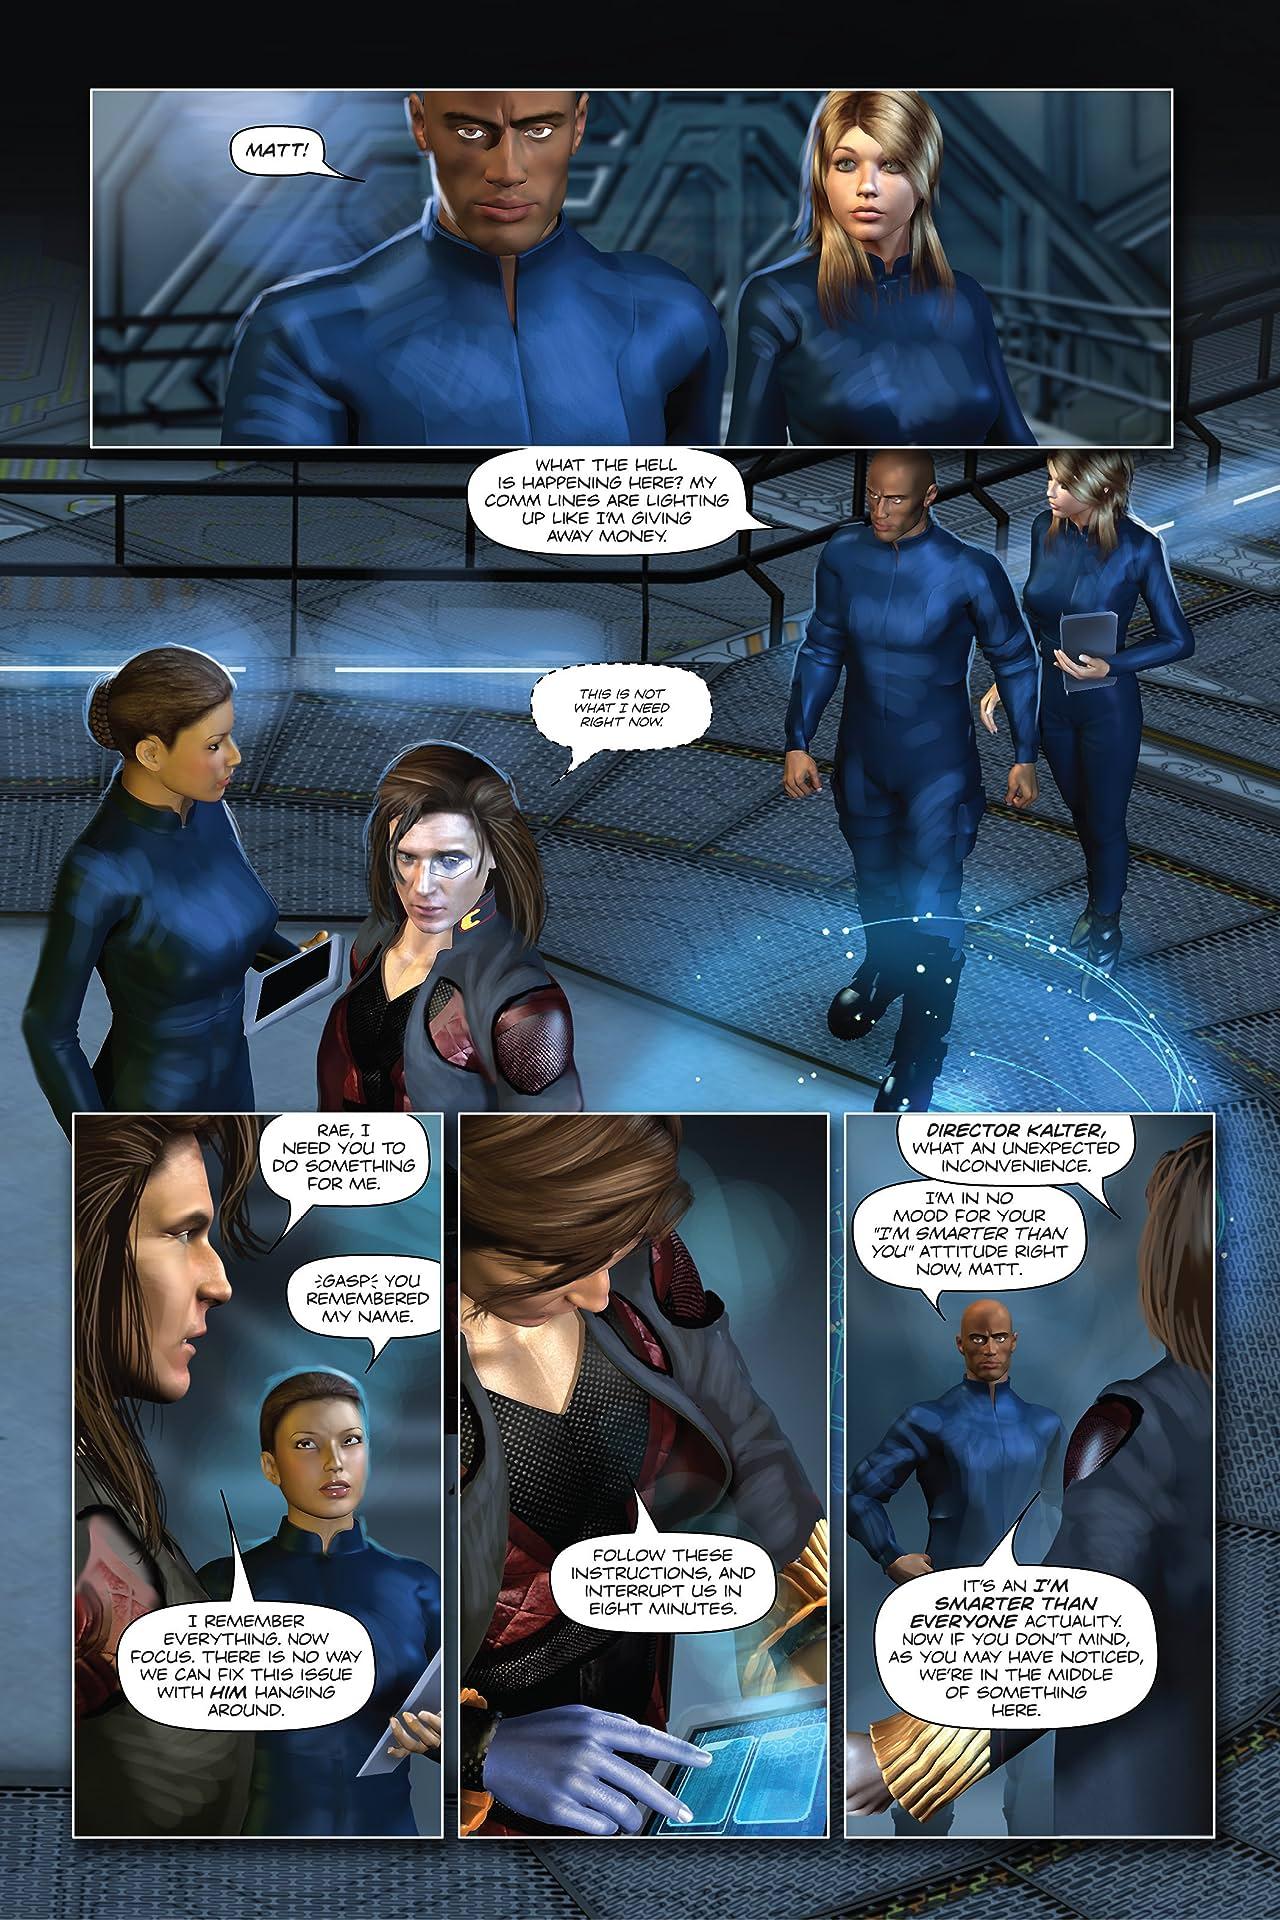 Agent 1.22 #2